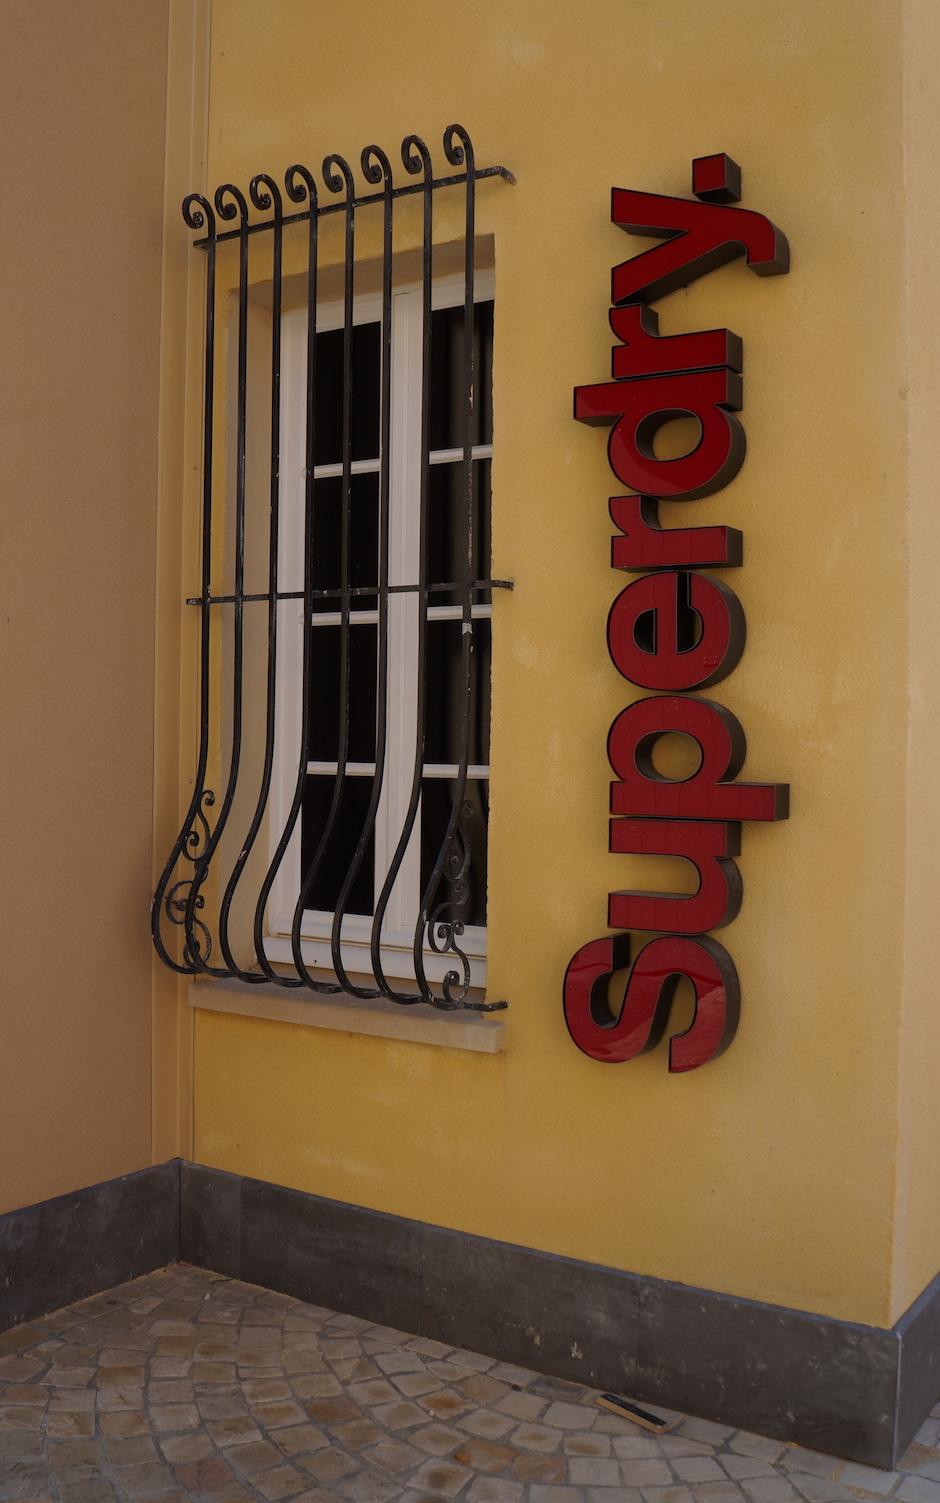 Grille de fenêtre en fer forgé au village des marques de miramas